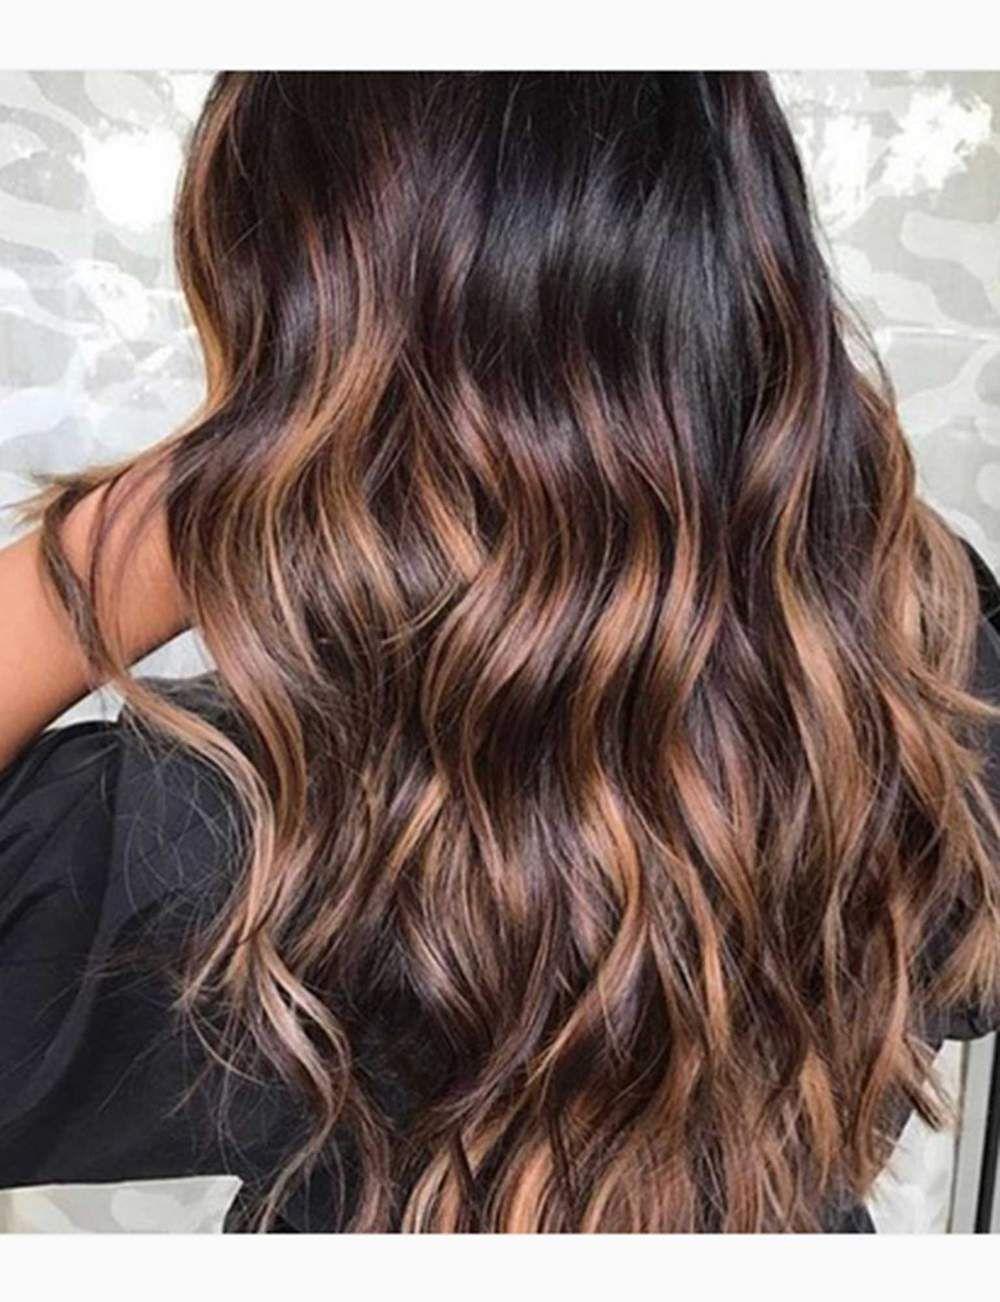 Teinture pour cheveux colorГ©s sur cheveux bruns